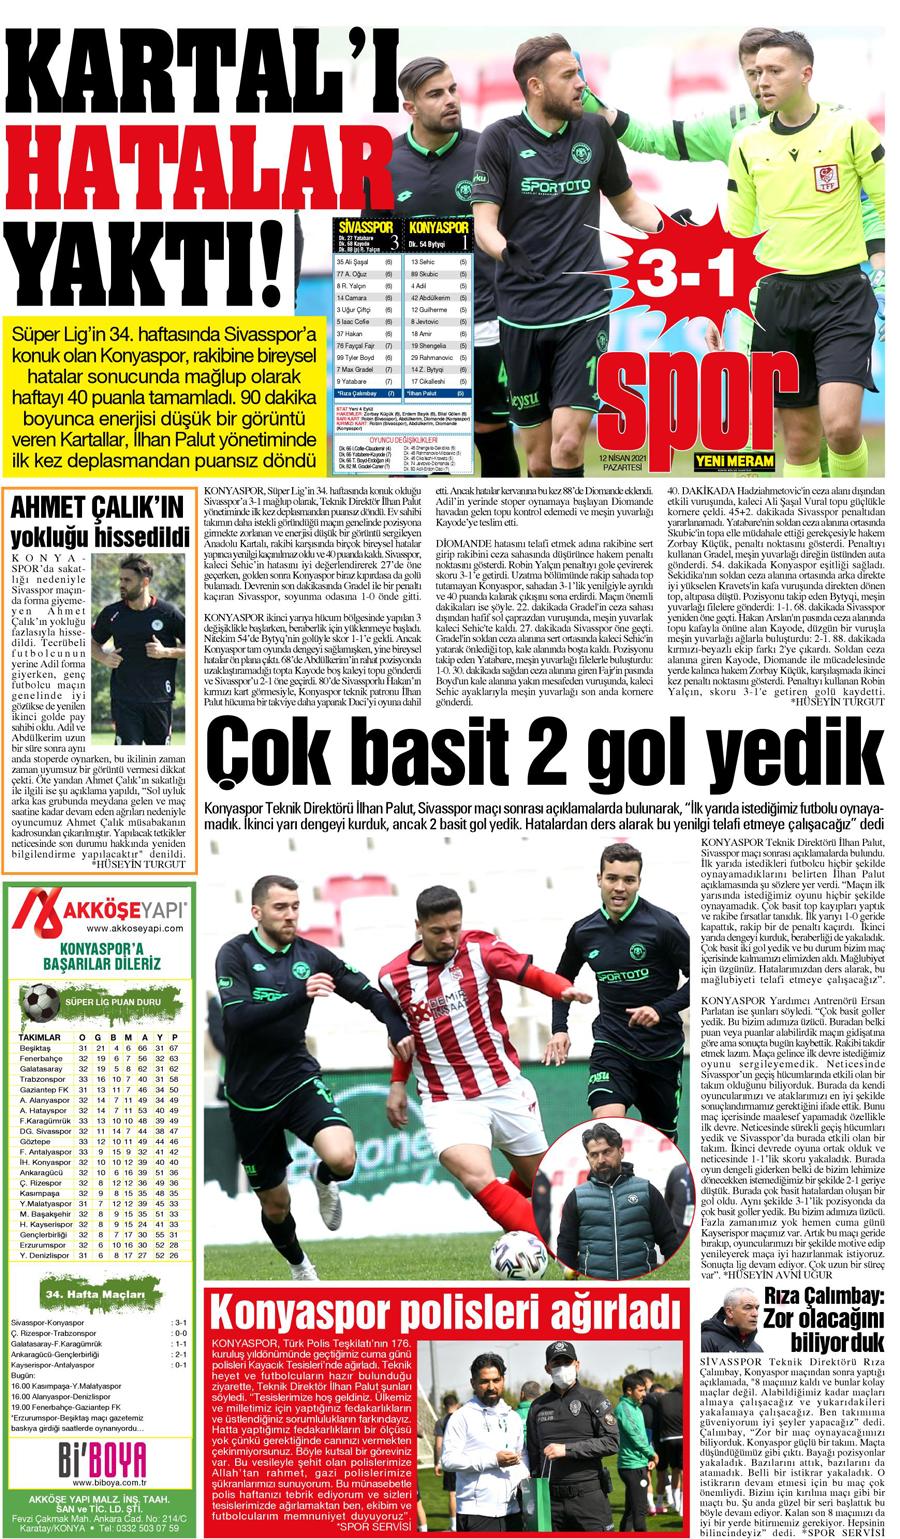 12 Nisan 2021 Yeni Meram Gazetesi